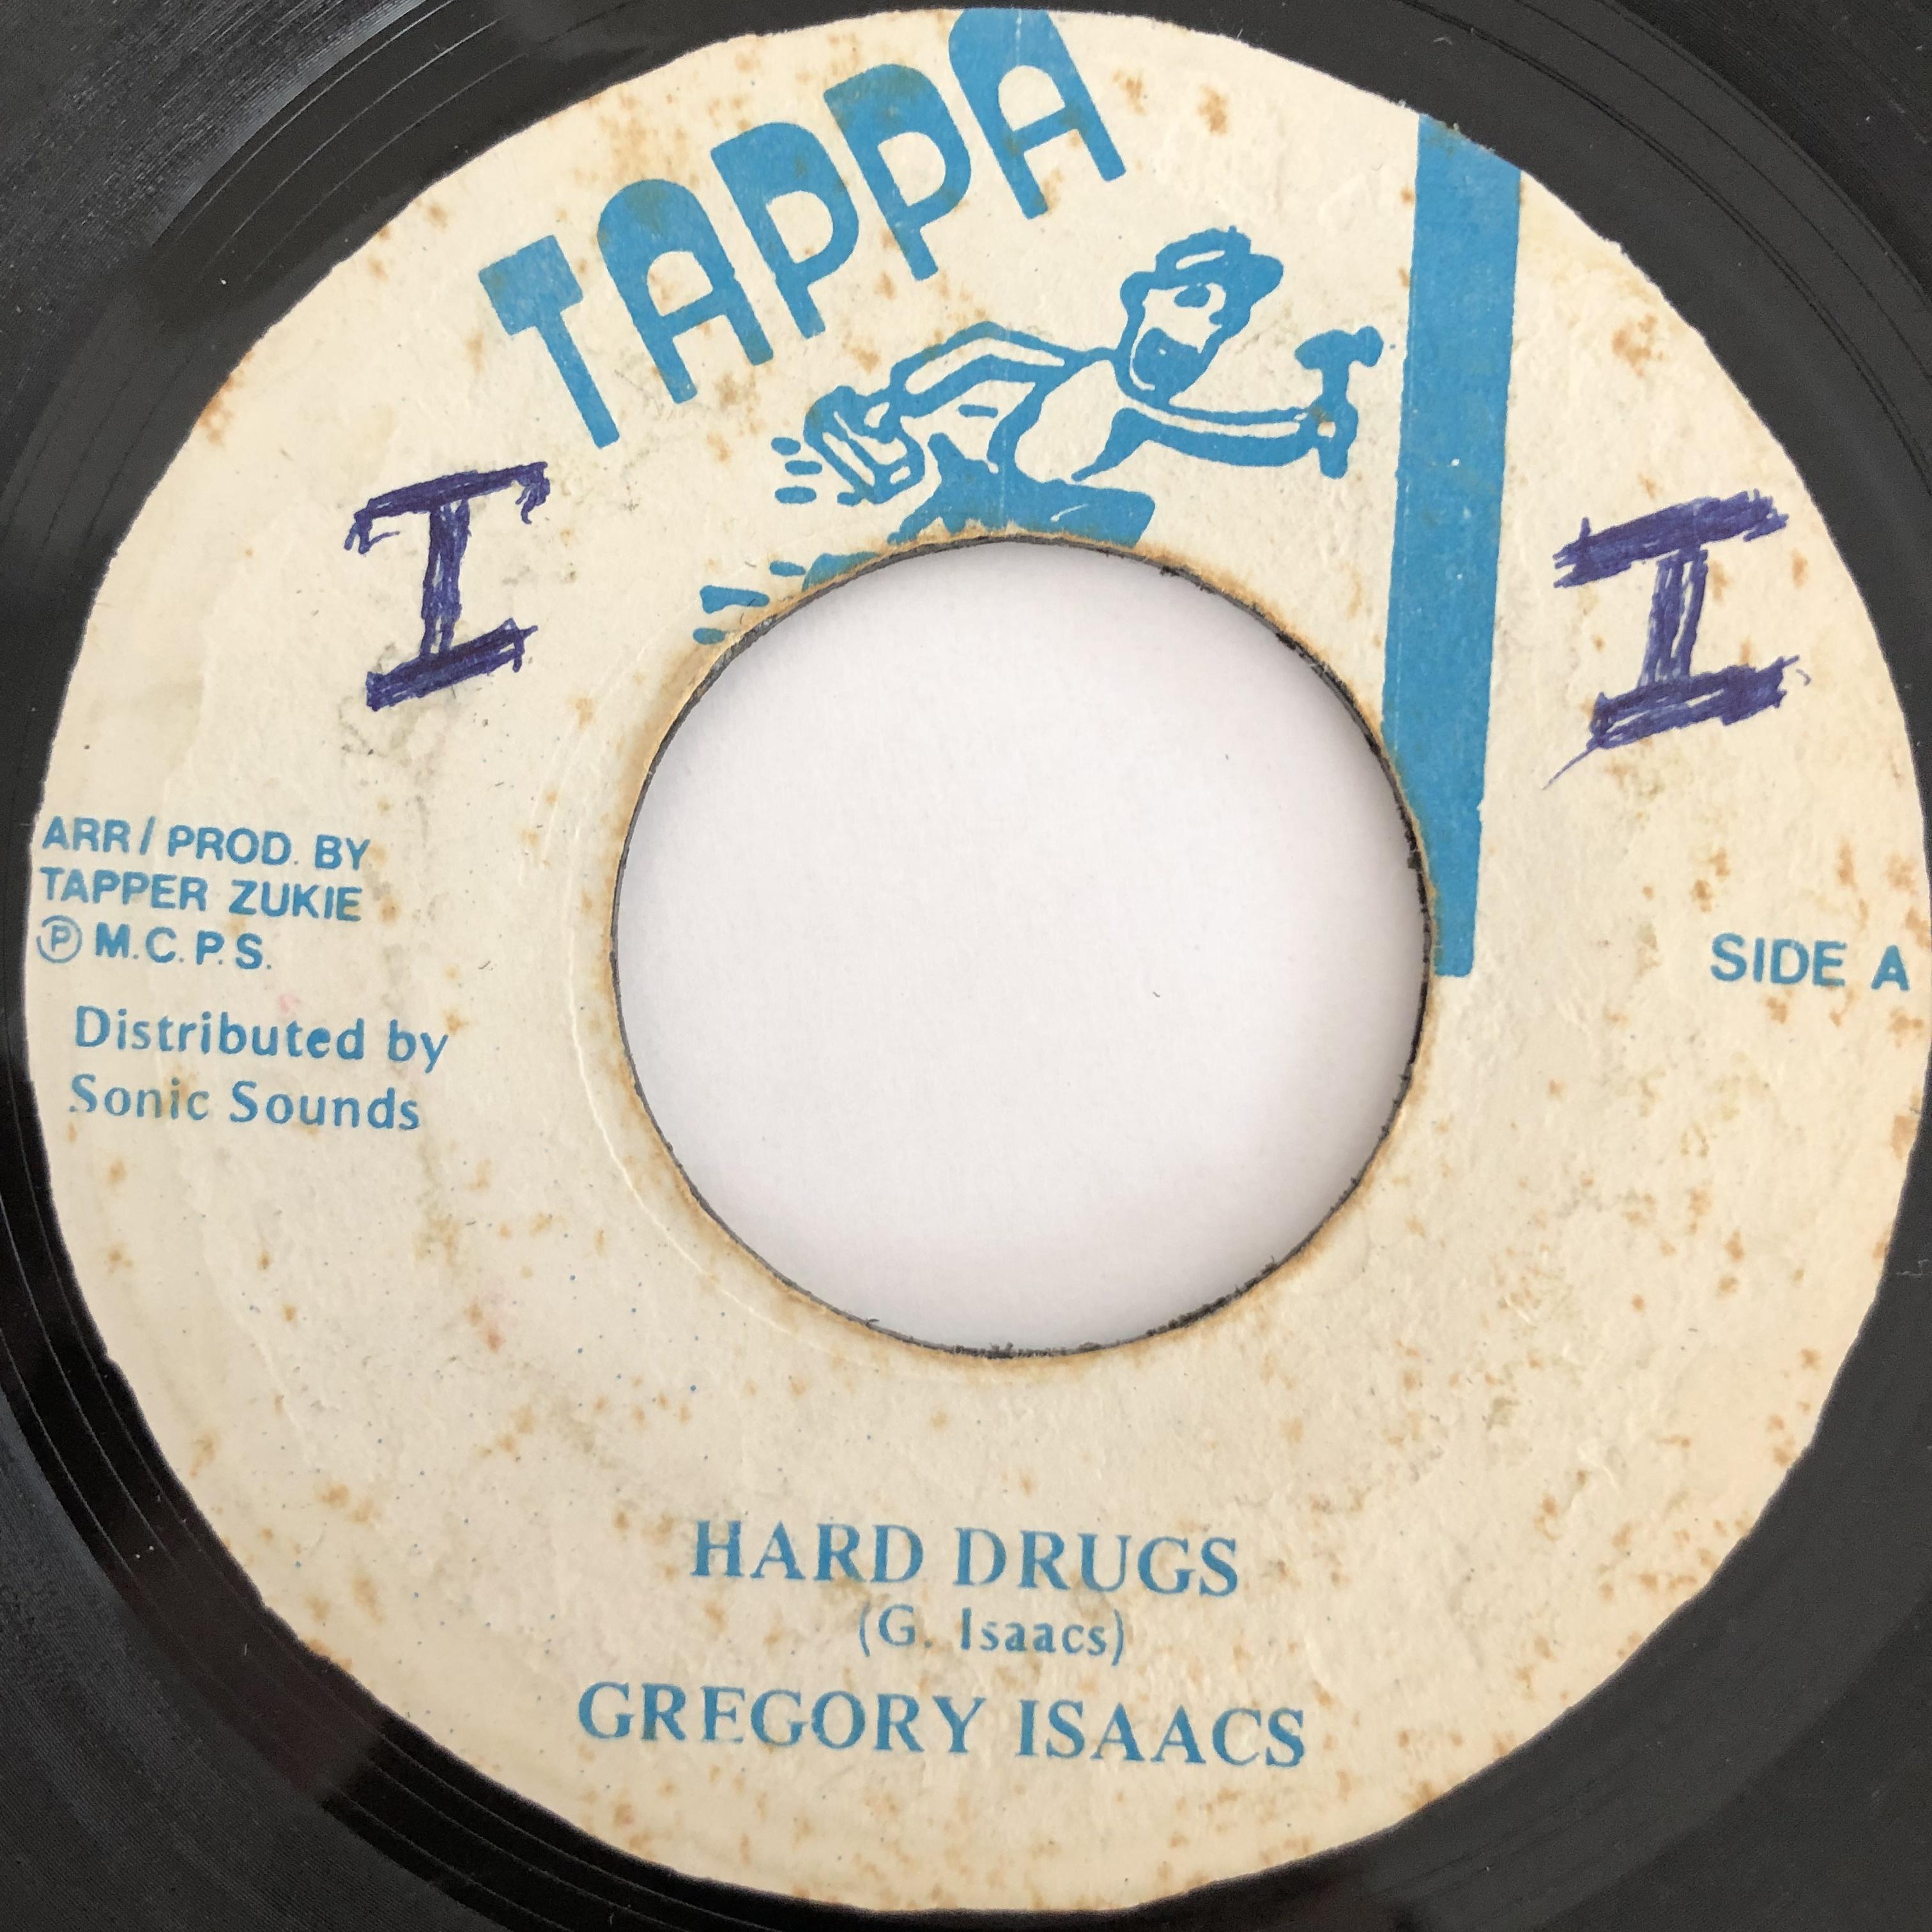 Gregory Isaacs(グレゴリーアイザックス) - Hard Drugs【7-20100】